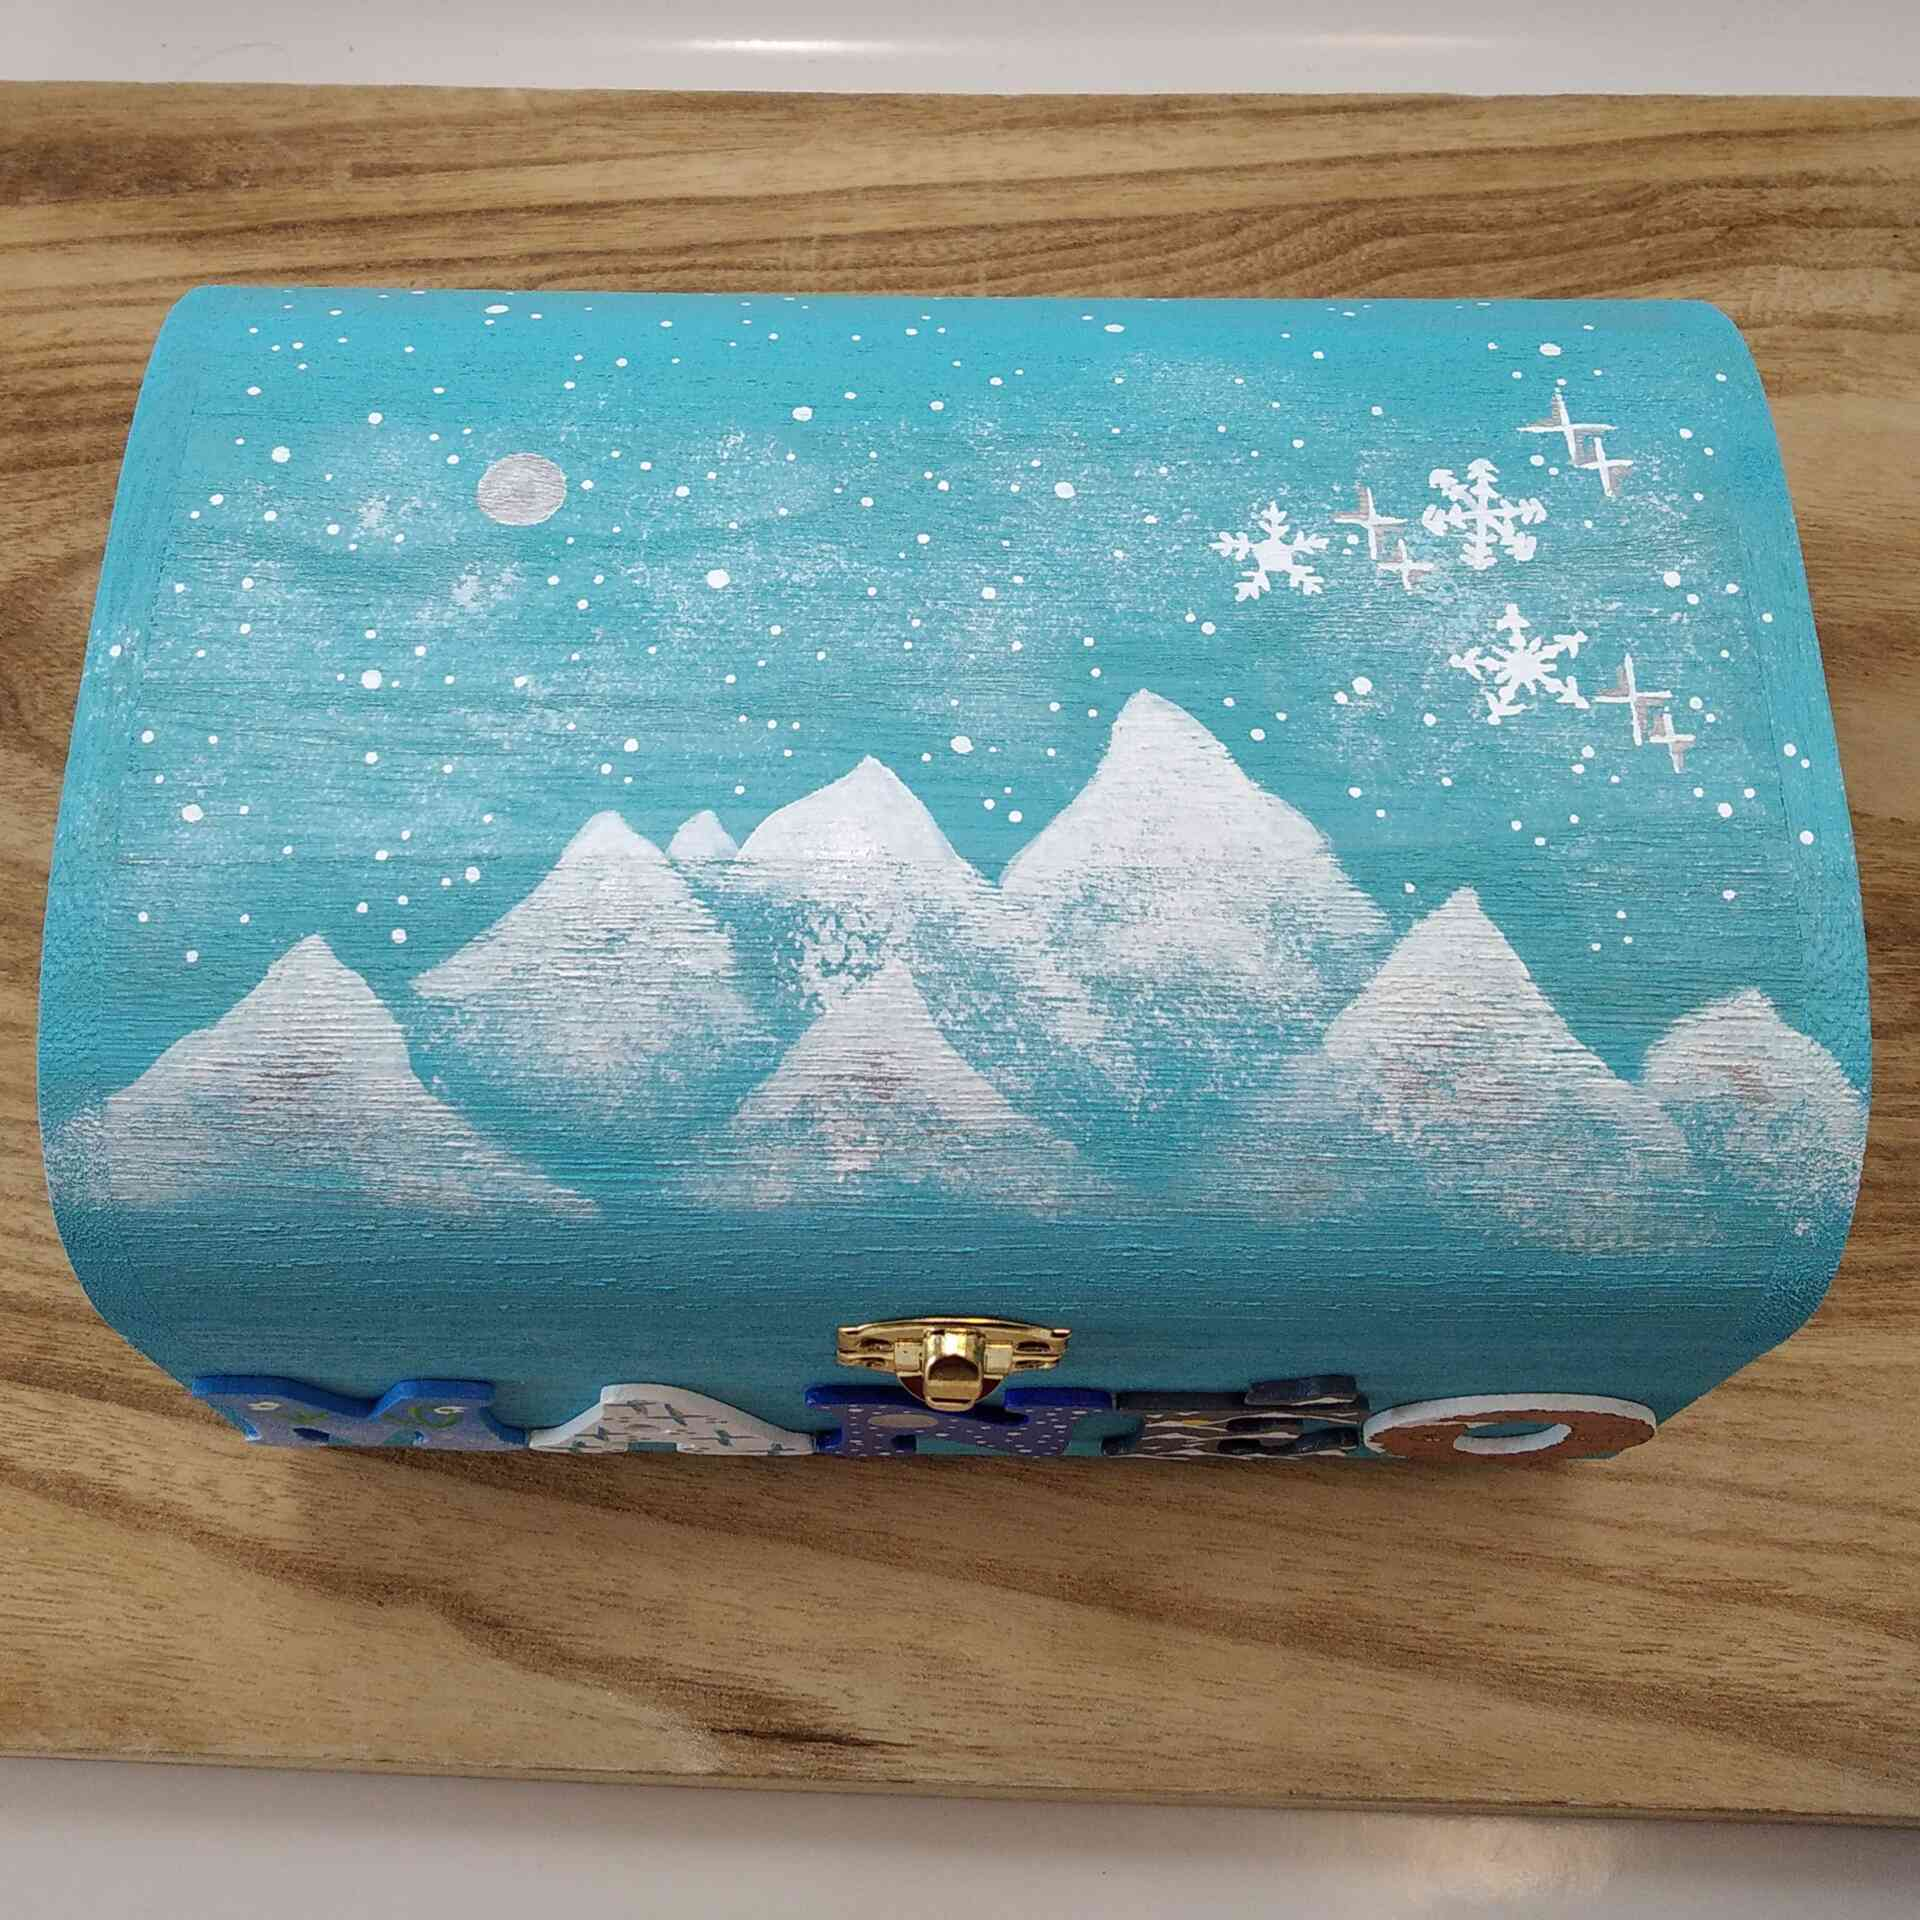 Coffret turquoise Manéo, décoration 1ers flocons de neige